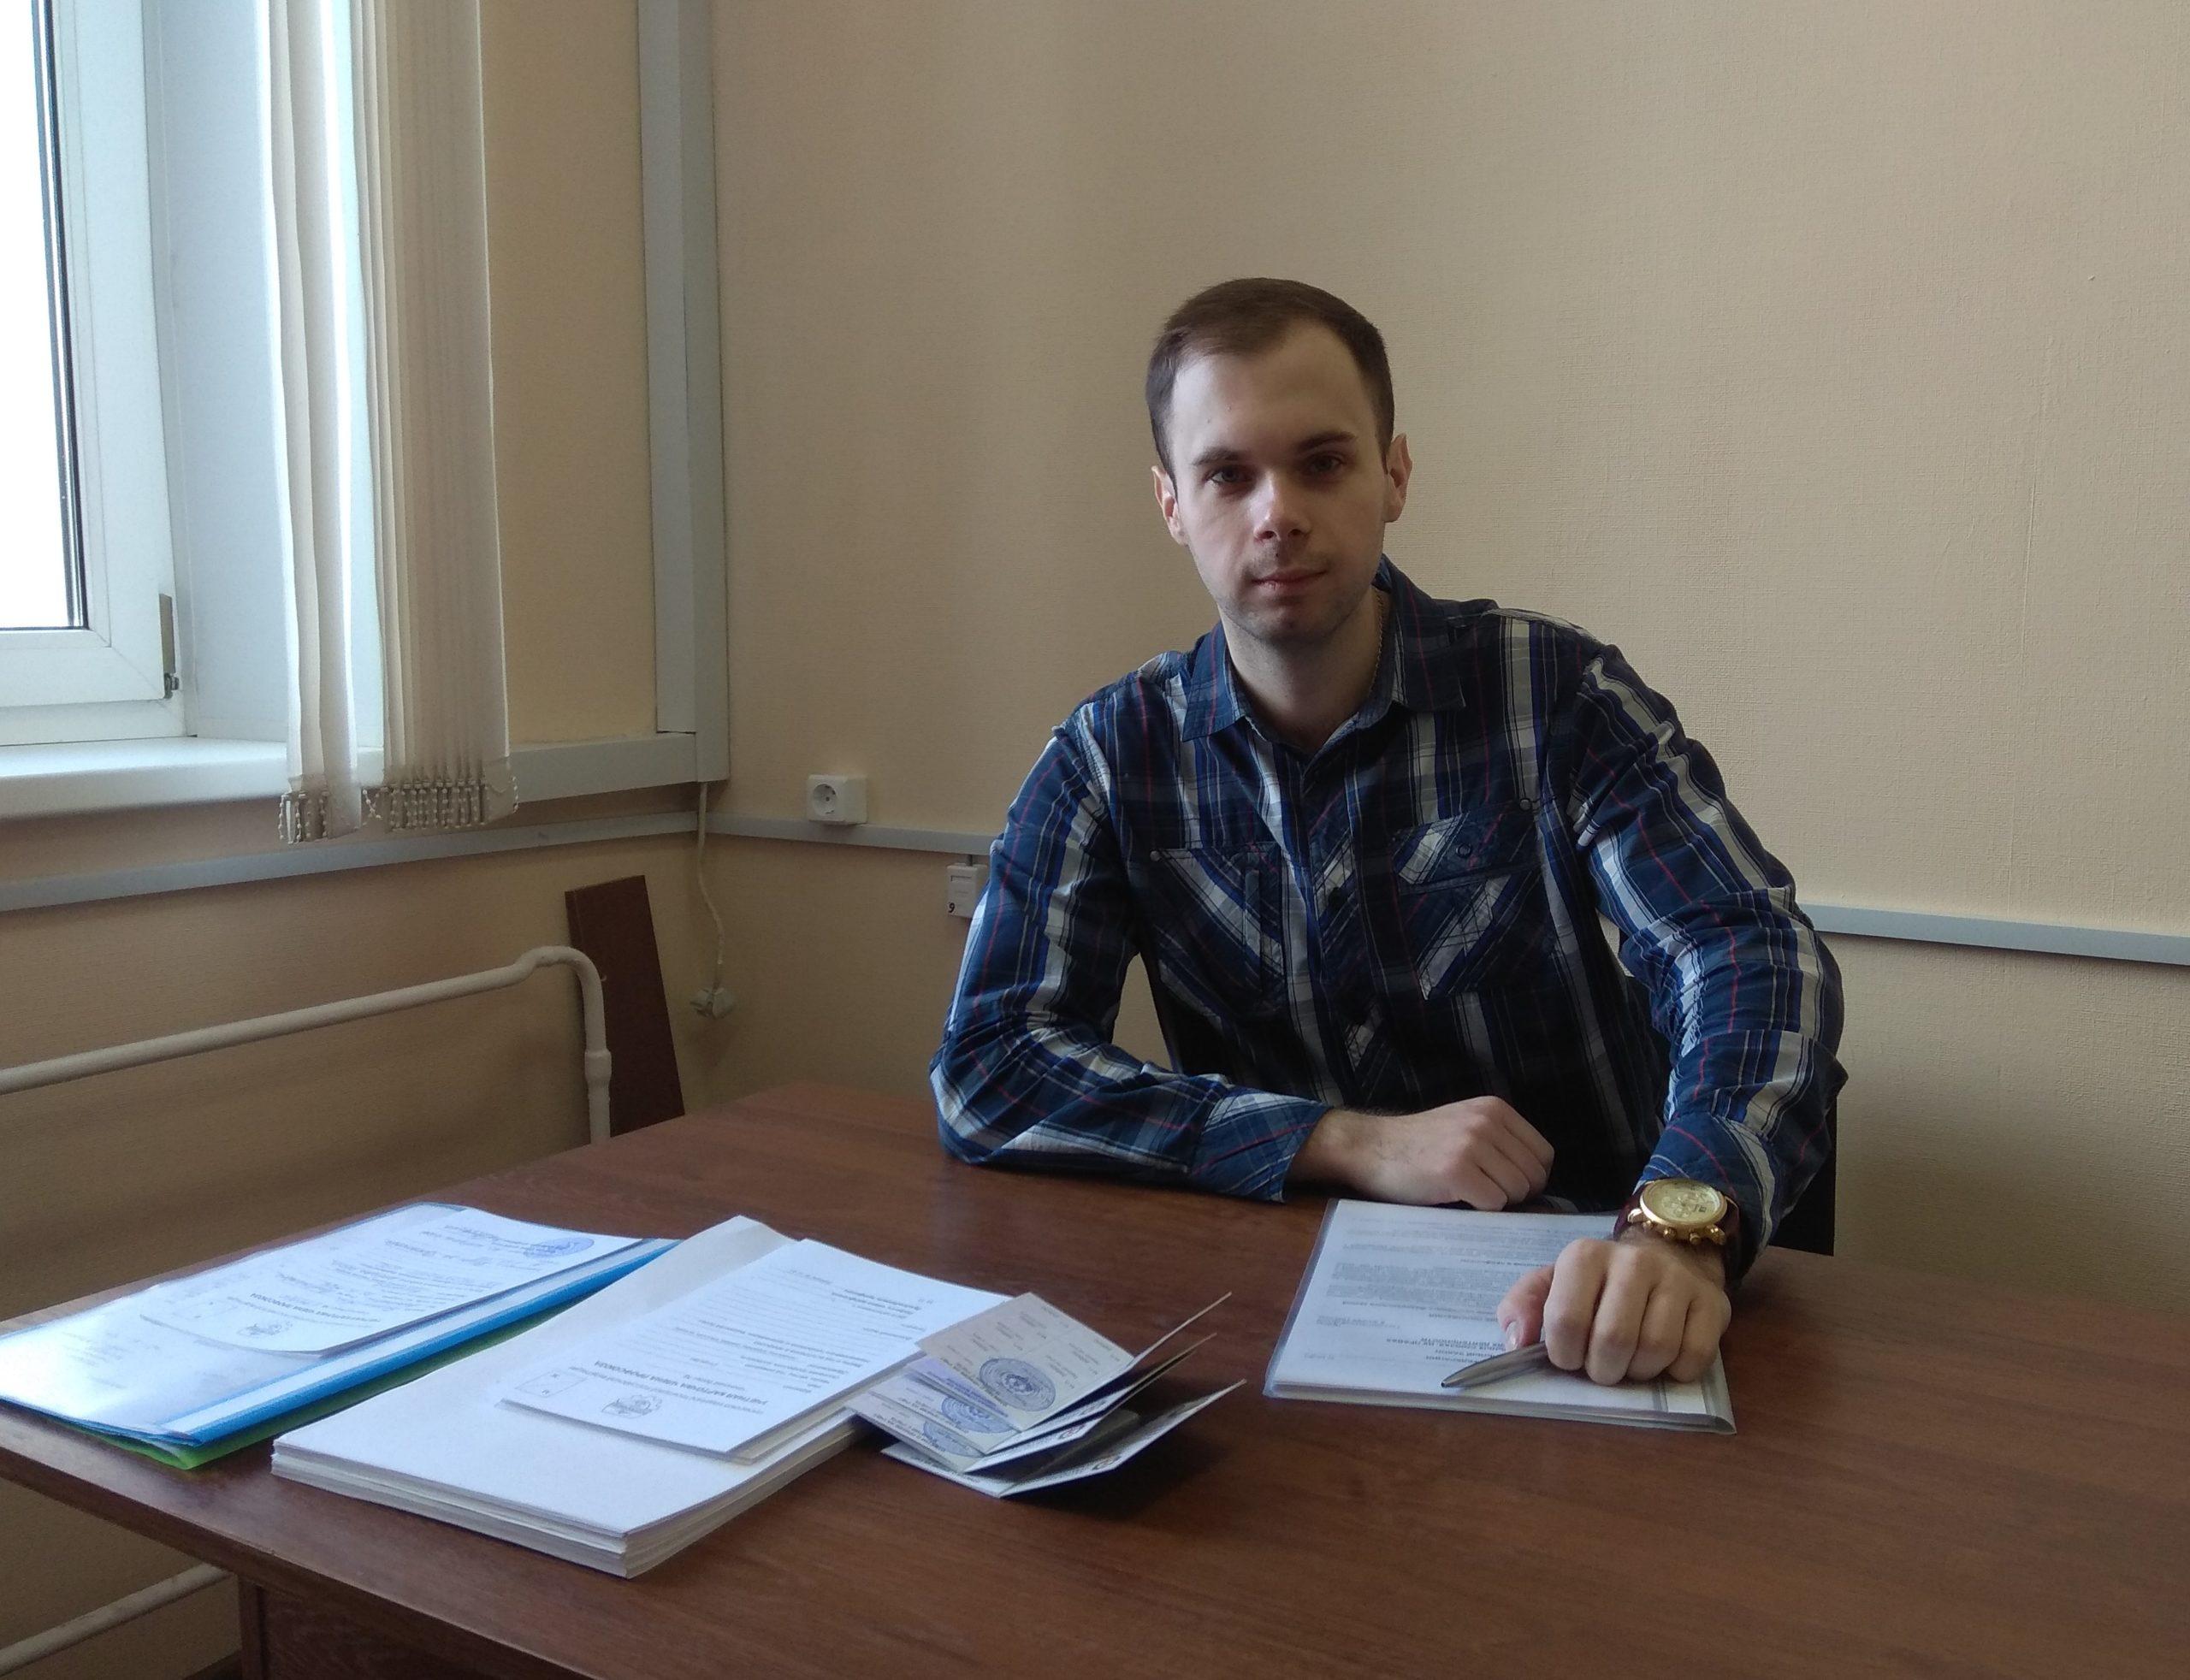 Александр Канивец: У того, кто служит стране и народу, должен быть один паспорт